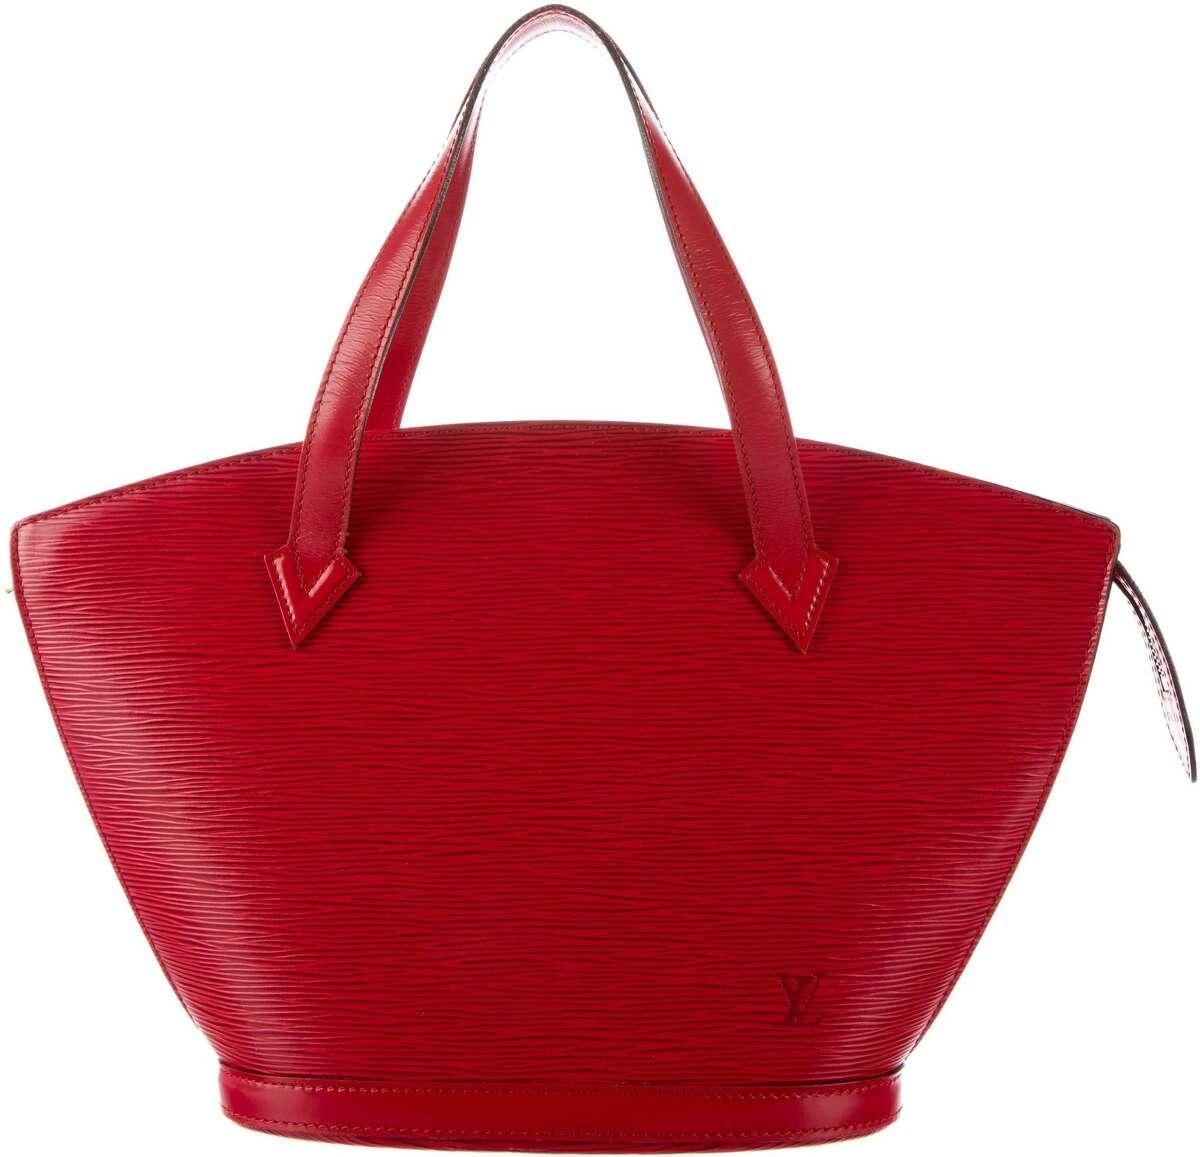 Louis Vuitton's Saint Jacques bag